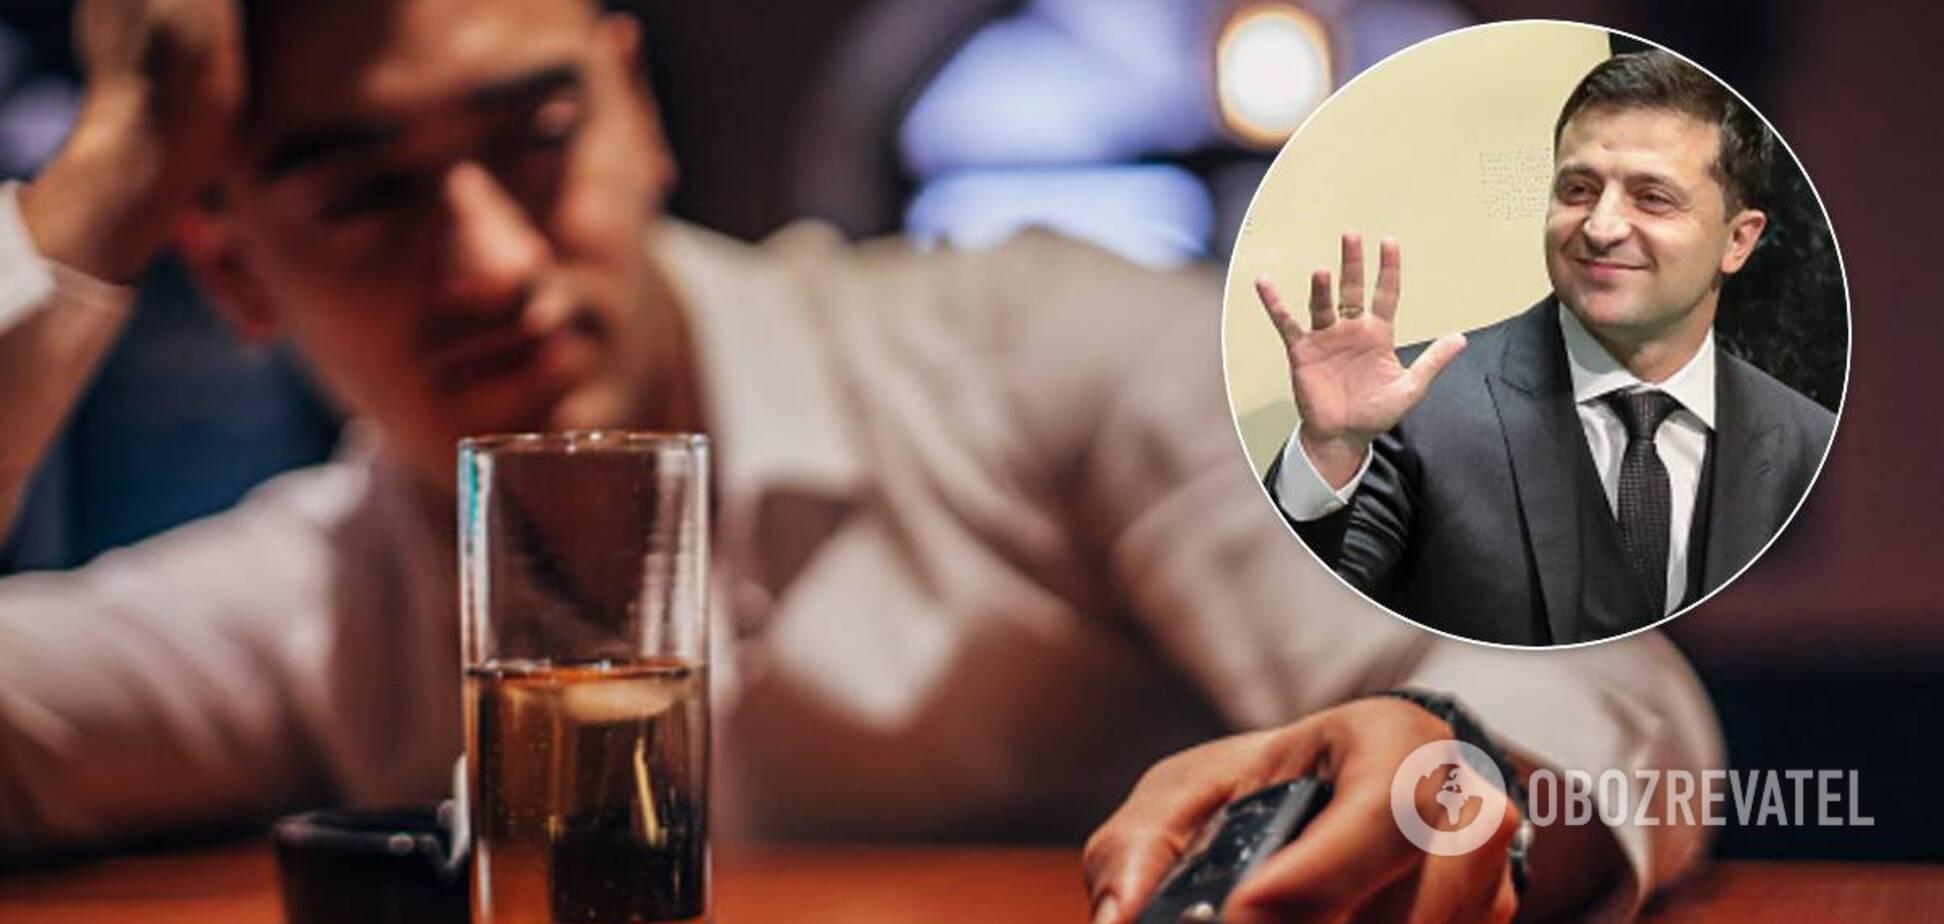 Як карають за п'яне водіння в Україні та світі